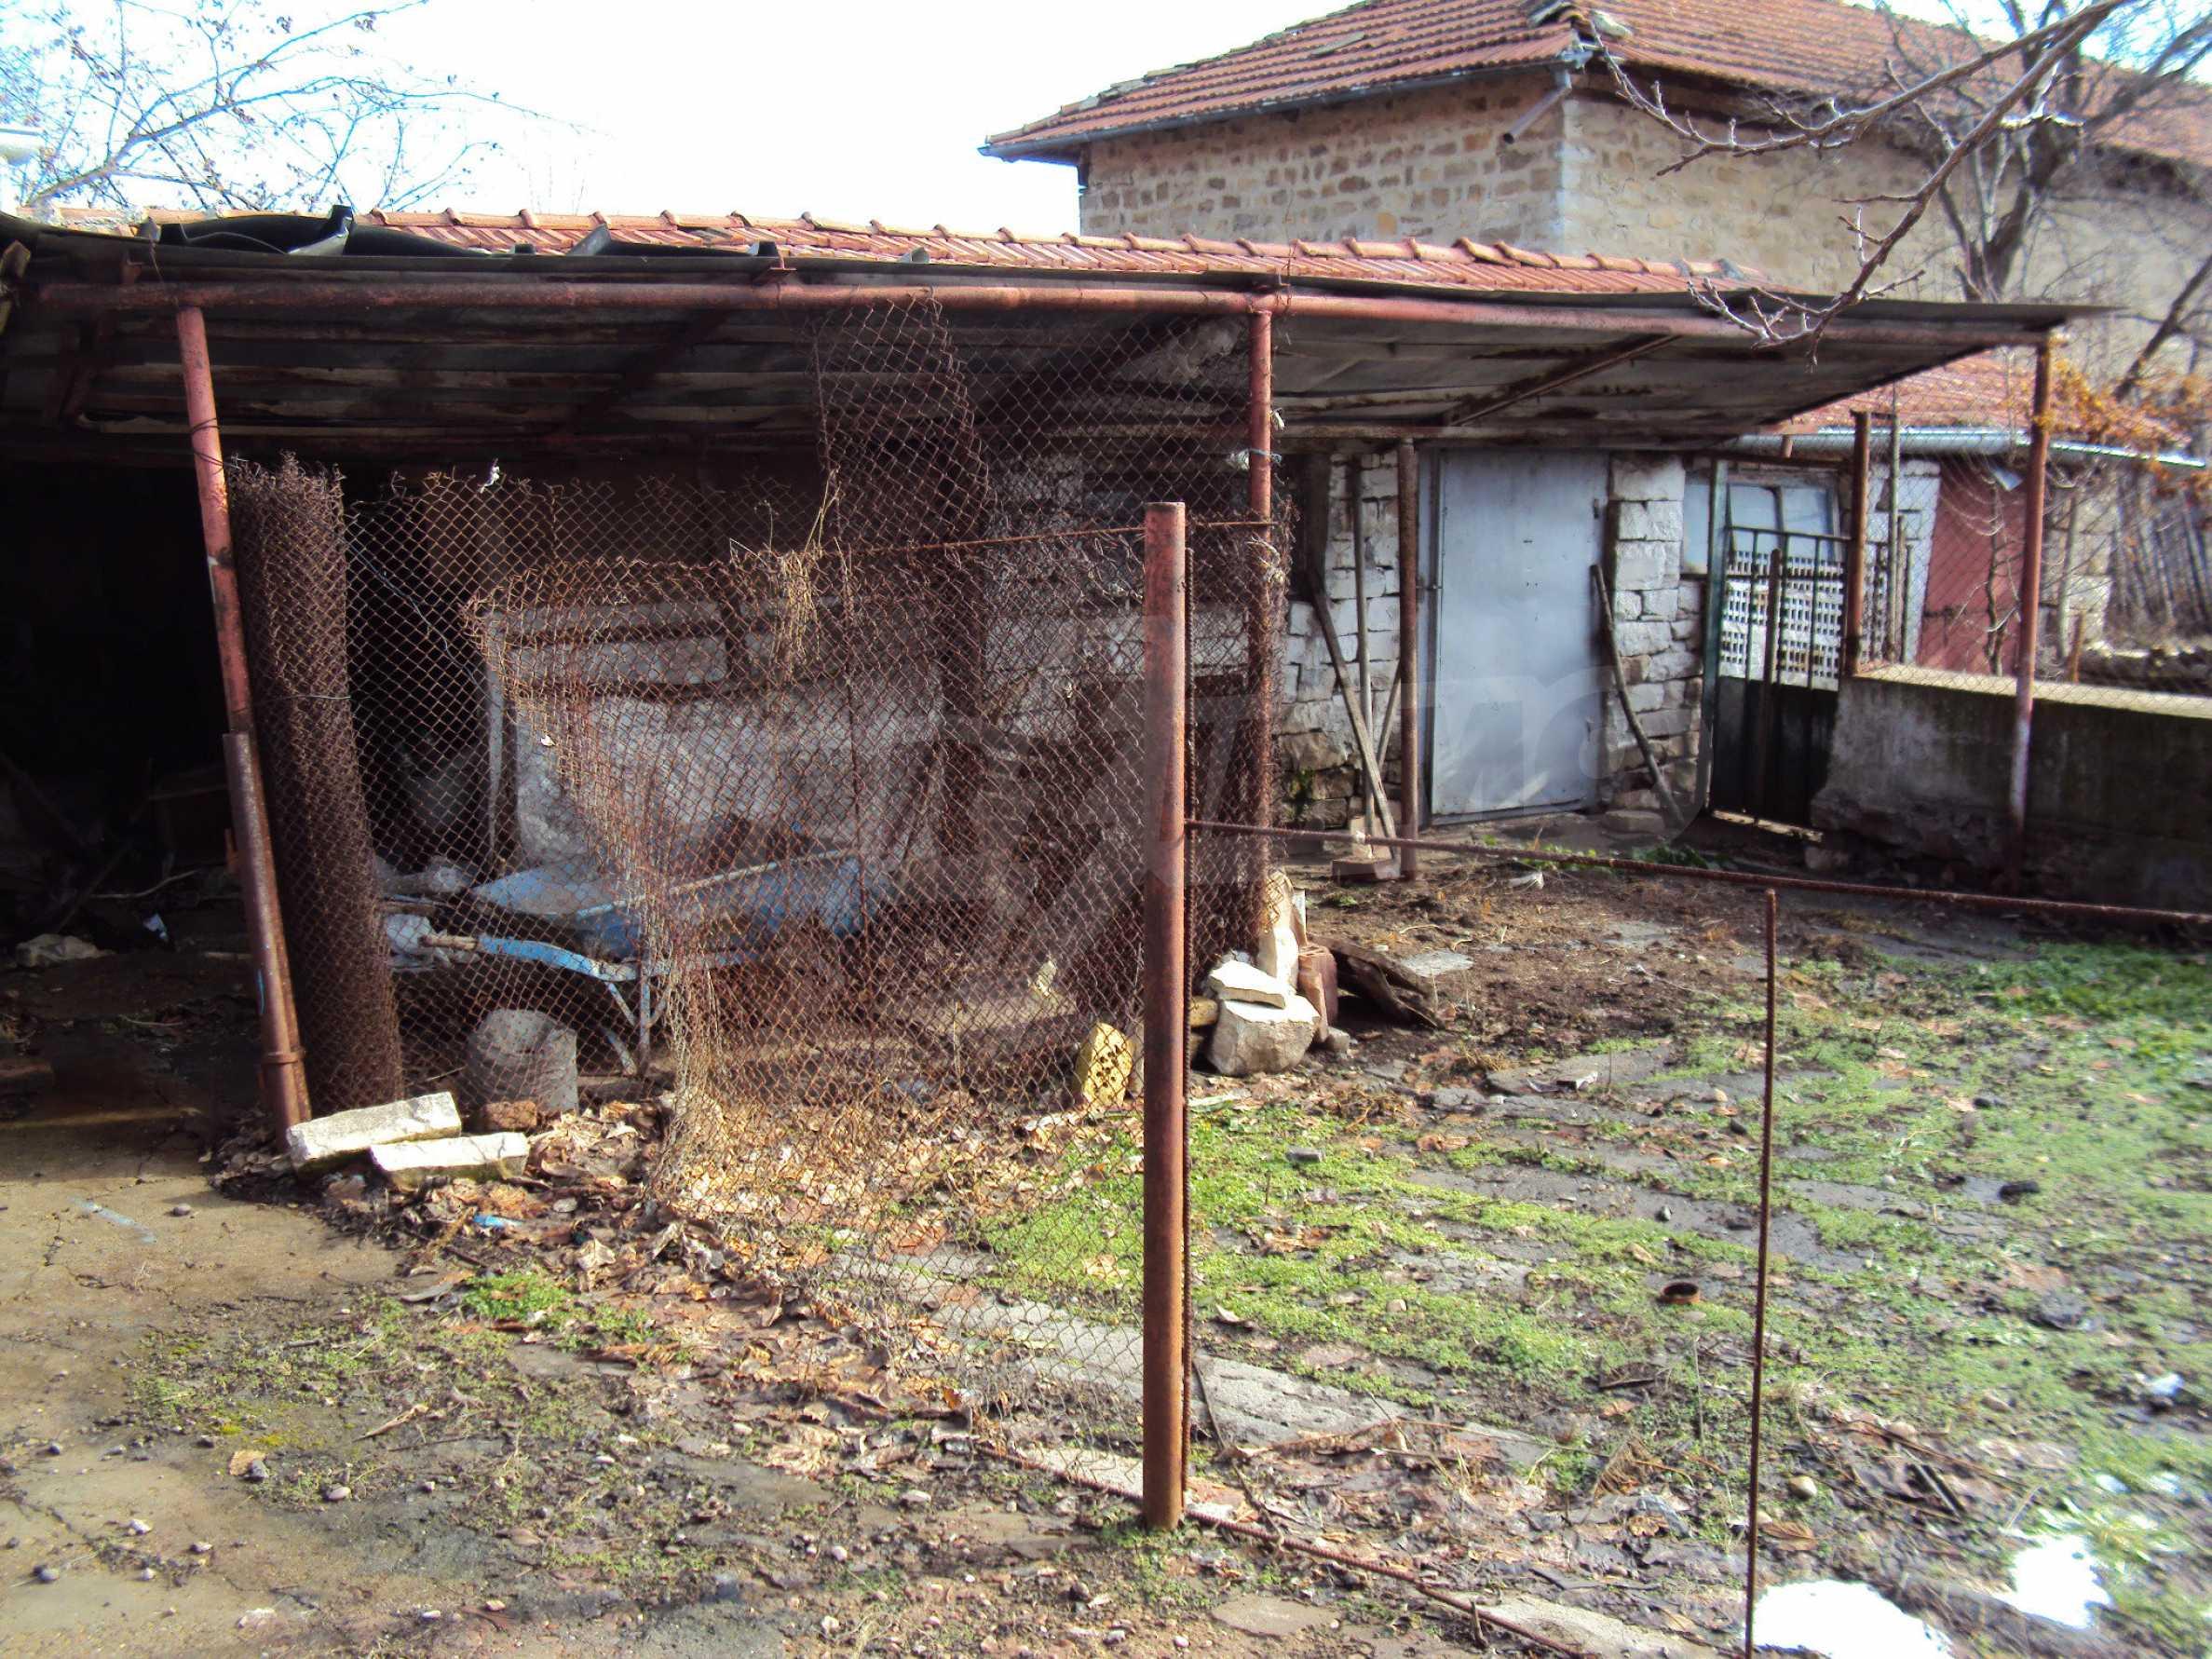 Immobilien in einem Dorf nur 12 km. von Polski Trambesh 19